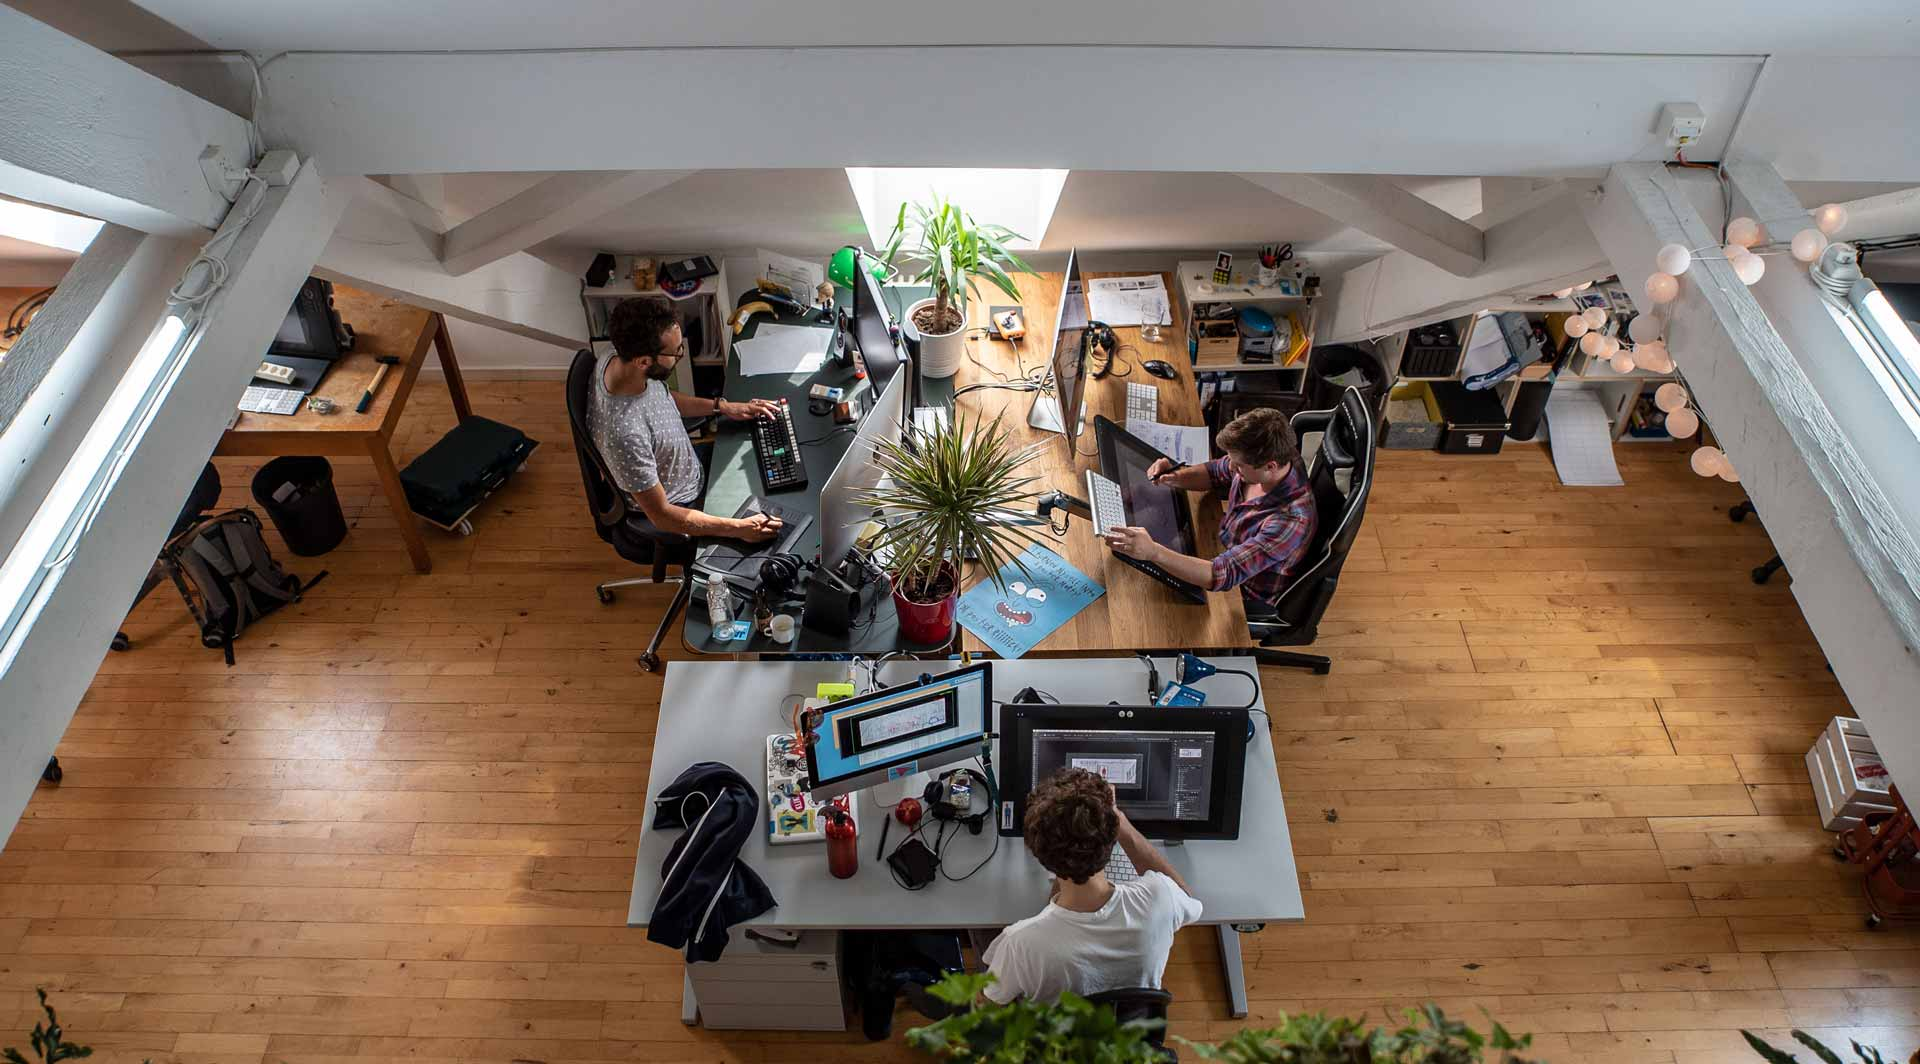 Beni Morard (rechts im Bild) mit zwei seiner Kollektiv-Kollegen bei der Arbeit im Zürcher Büro. | © 2020 Team Tumult